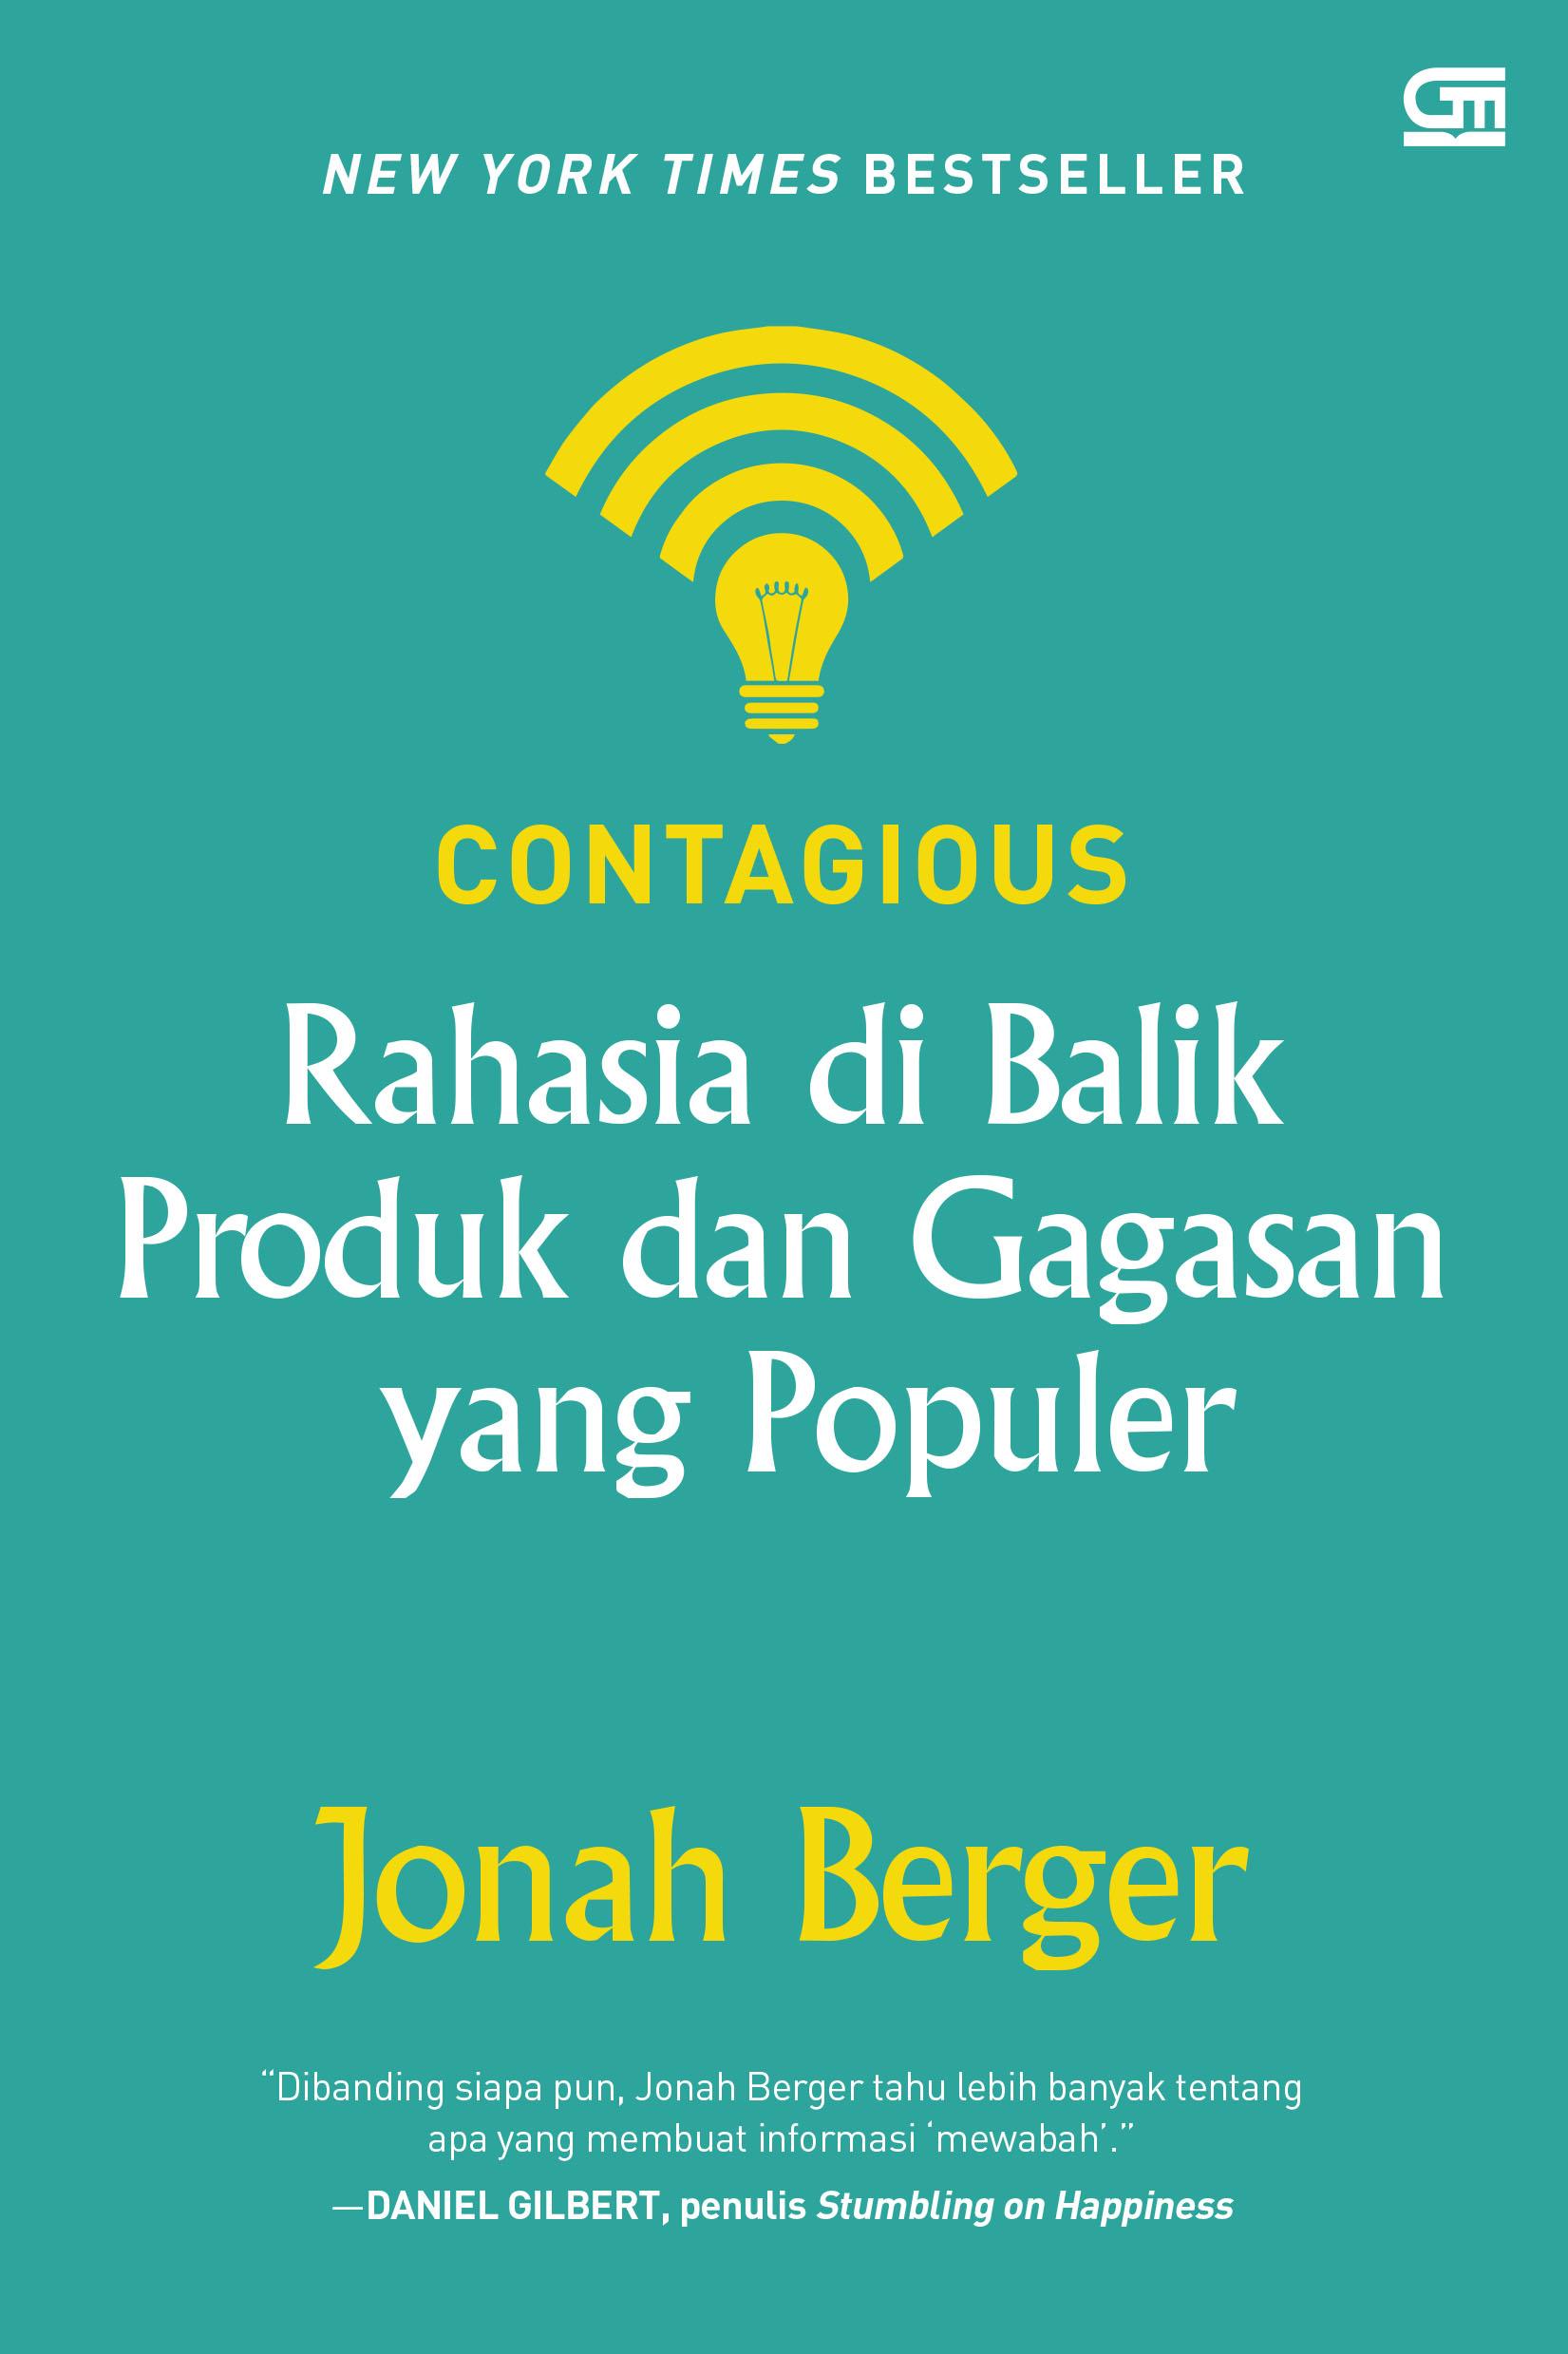 Contagious: Rahasia di Balik Produk dan Gagasan yang Populer